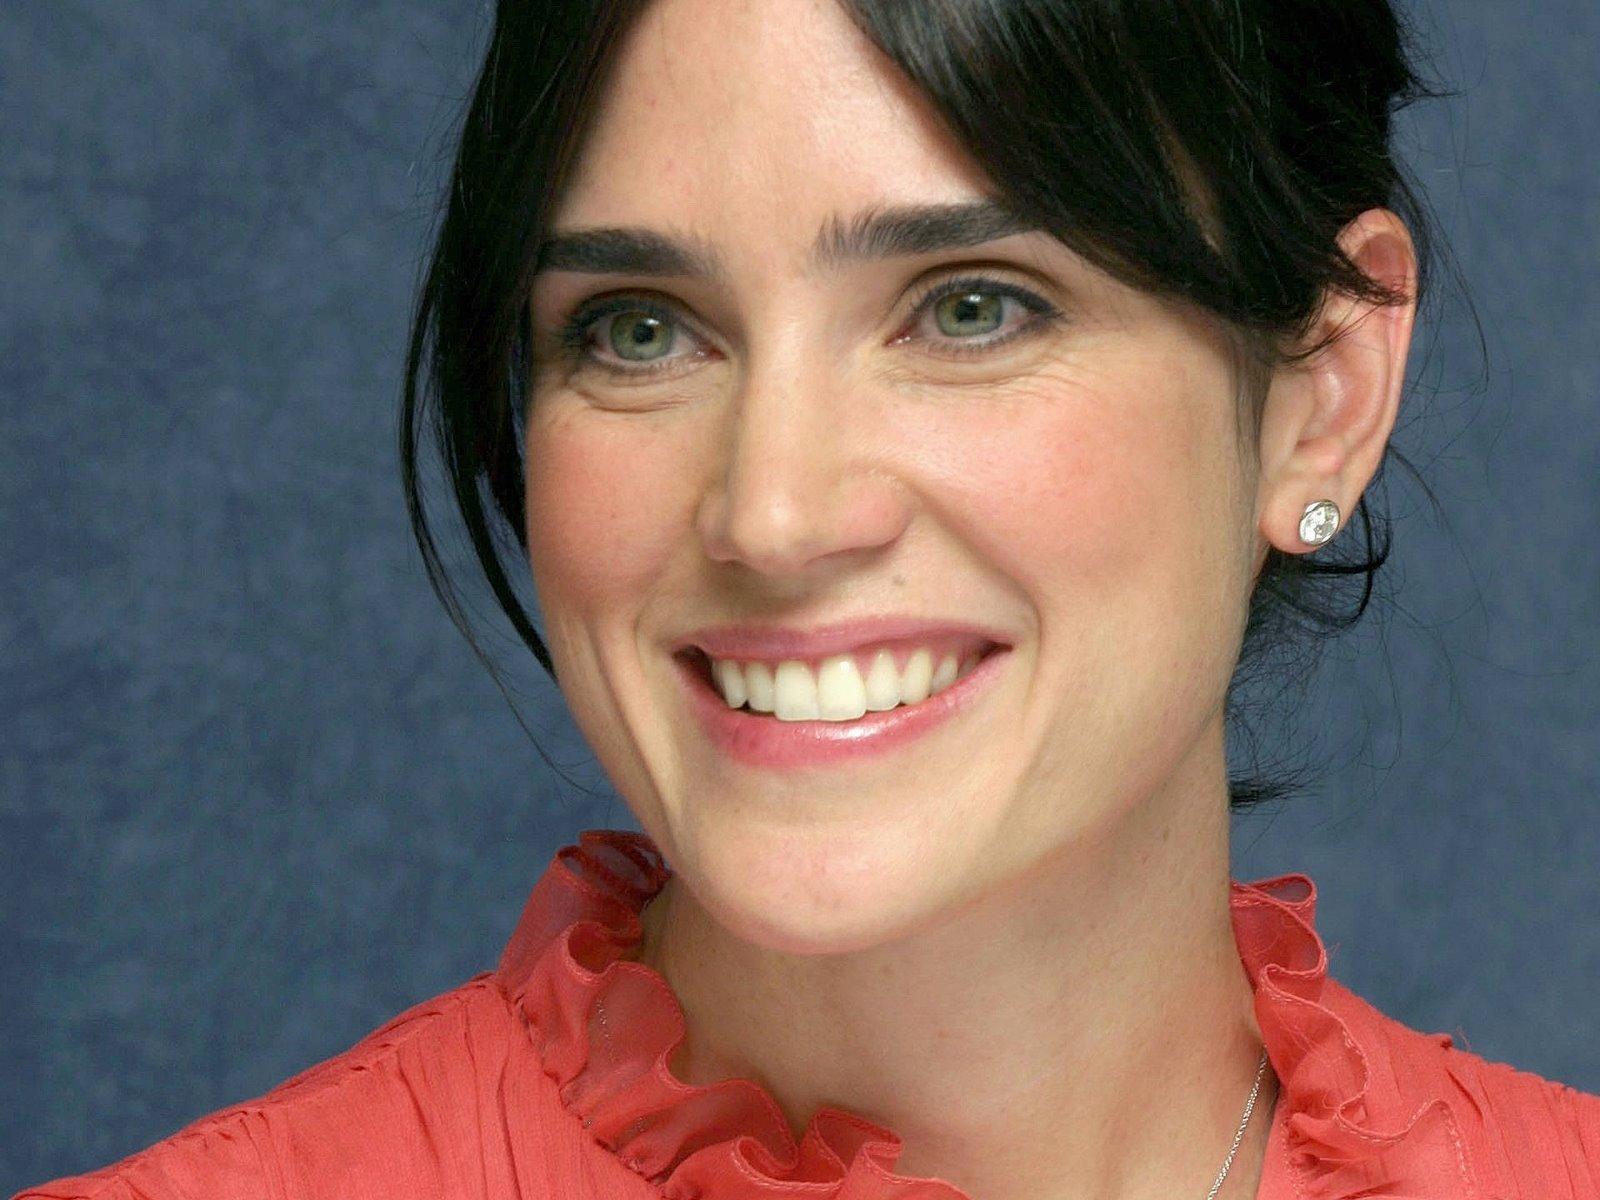 http://2.bp.blogspot.com/-ZTT0gX95m9k/T0FGirUlJ0I/AAAAAAAAMpA/_Njr5q31EsQ/s1600/Jennifer+Connelly+2.jpg